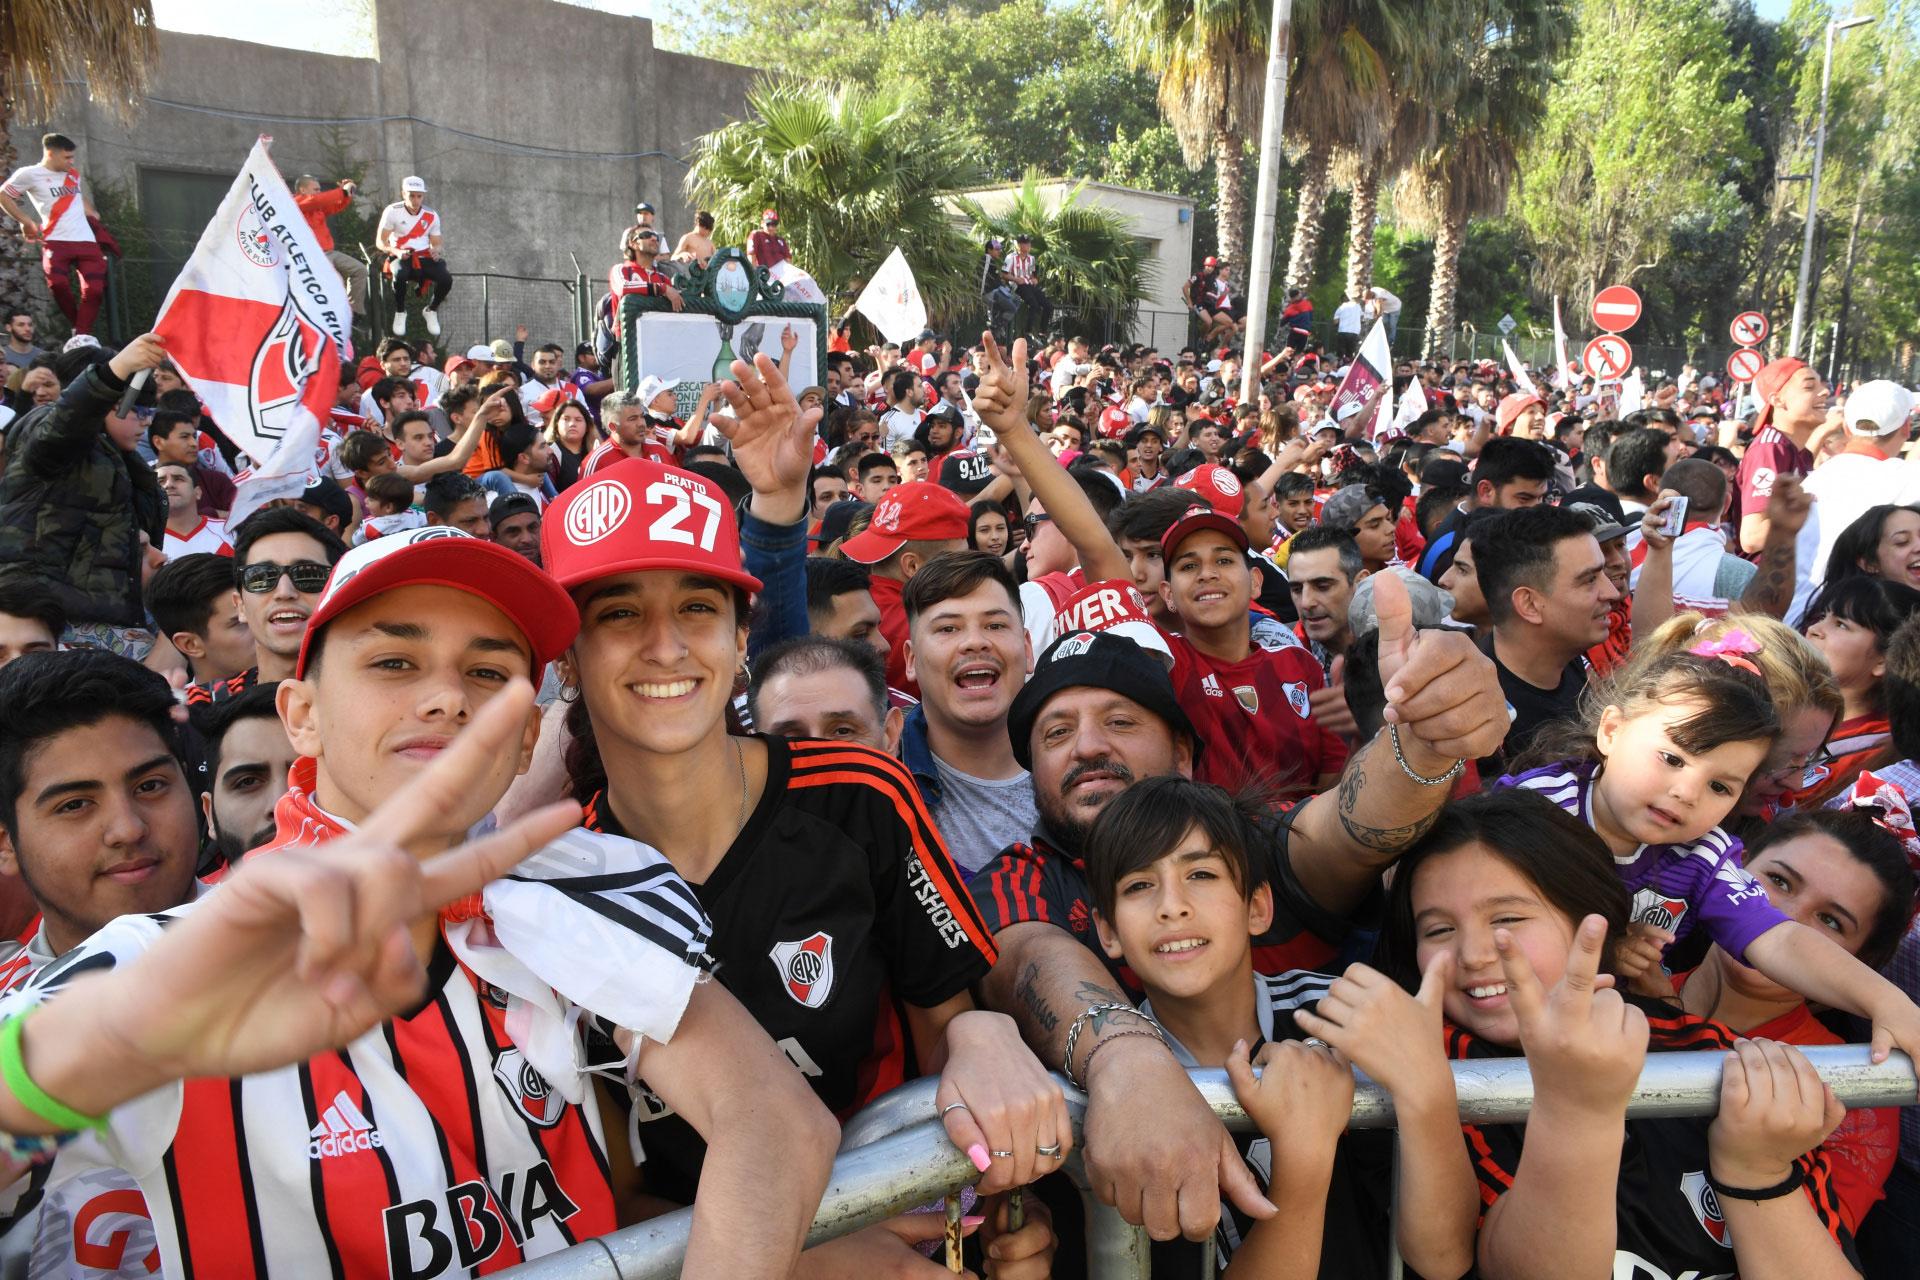 Los fanáticos entonaron canciones en apoyo al Millonario y recordando la victoria en Madrid